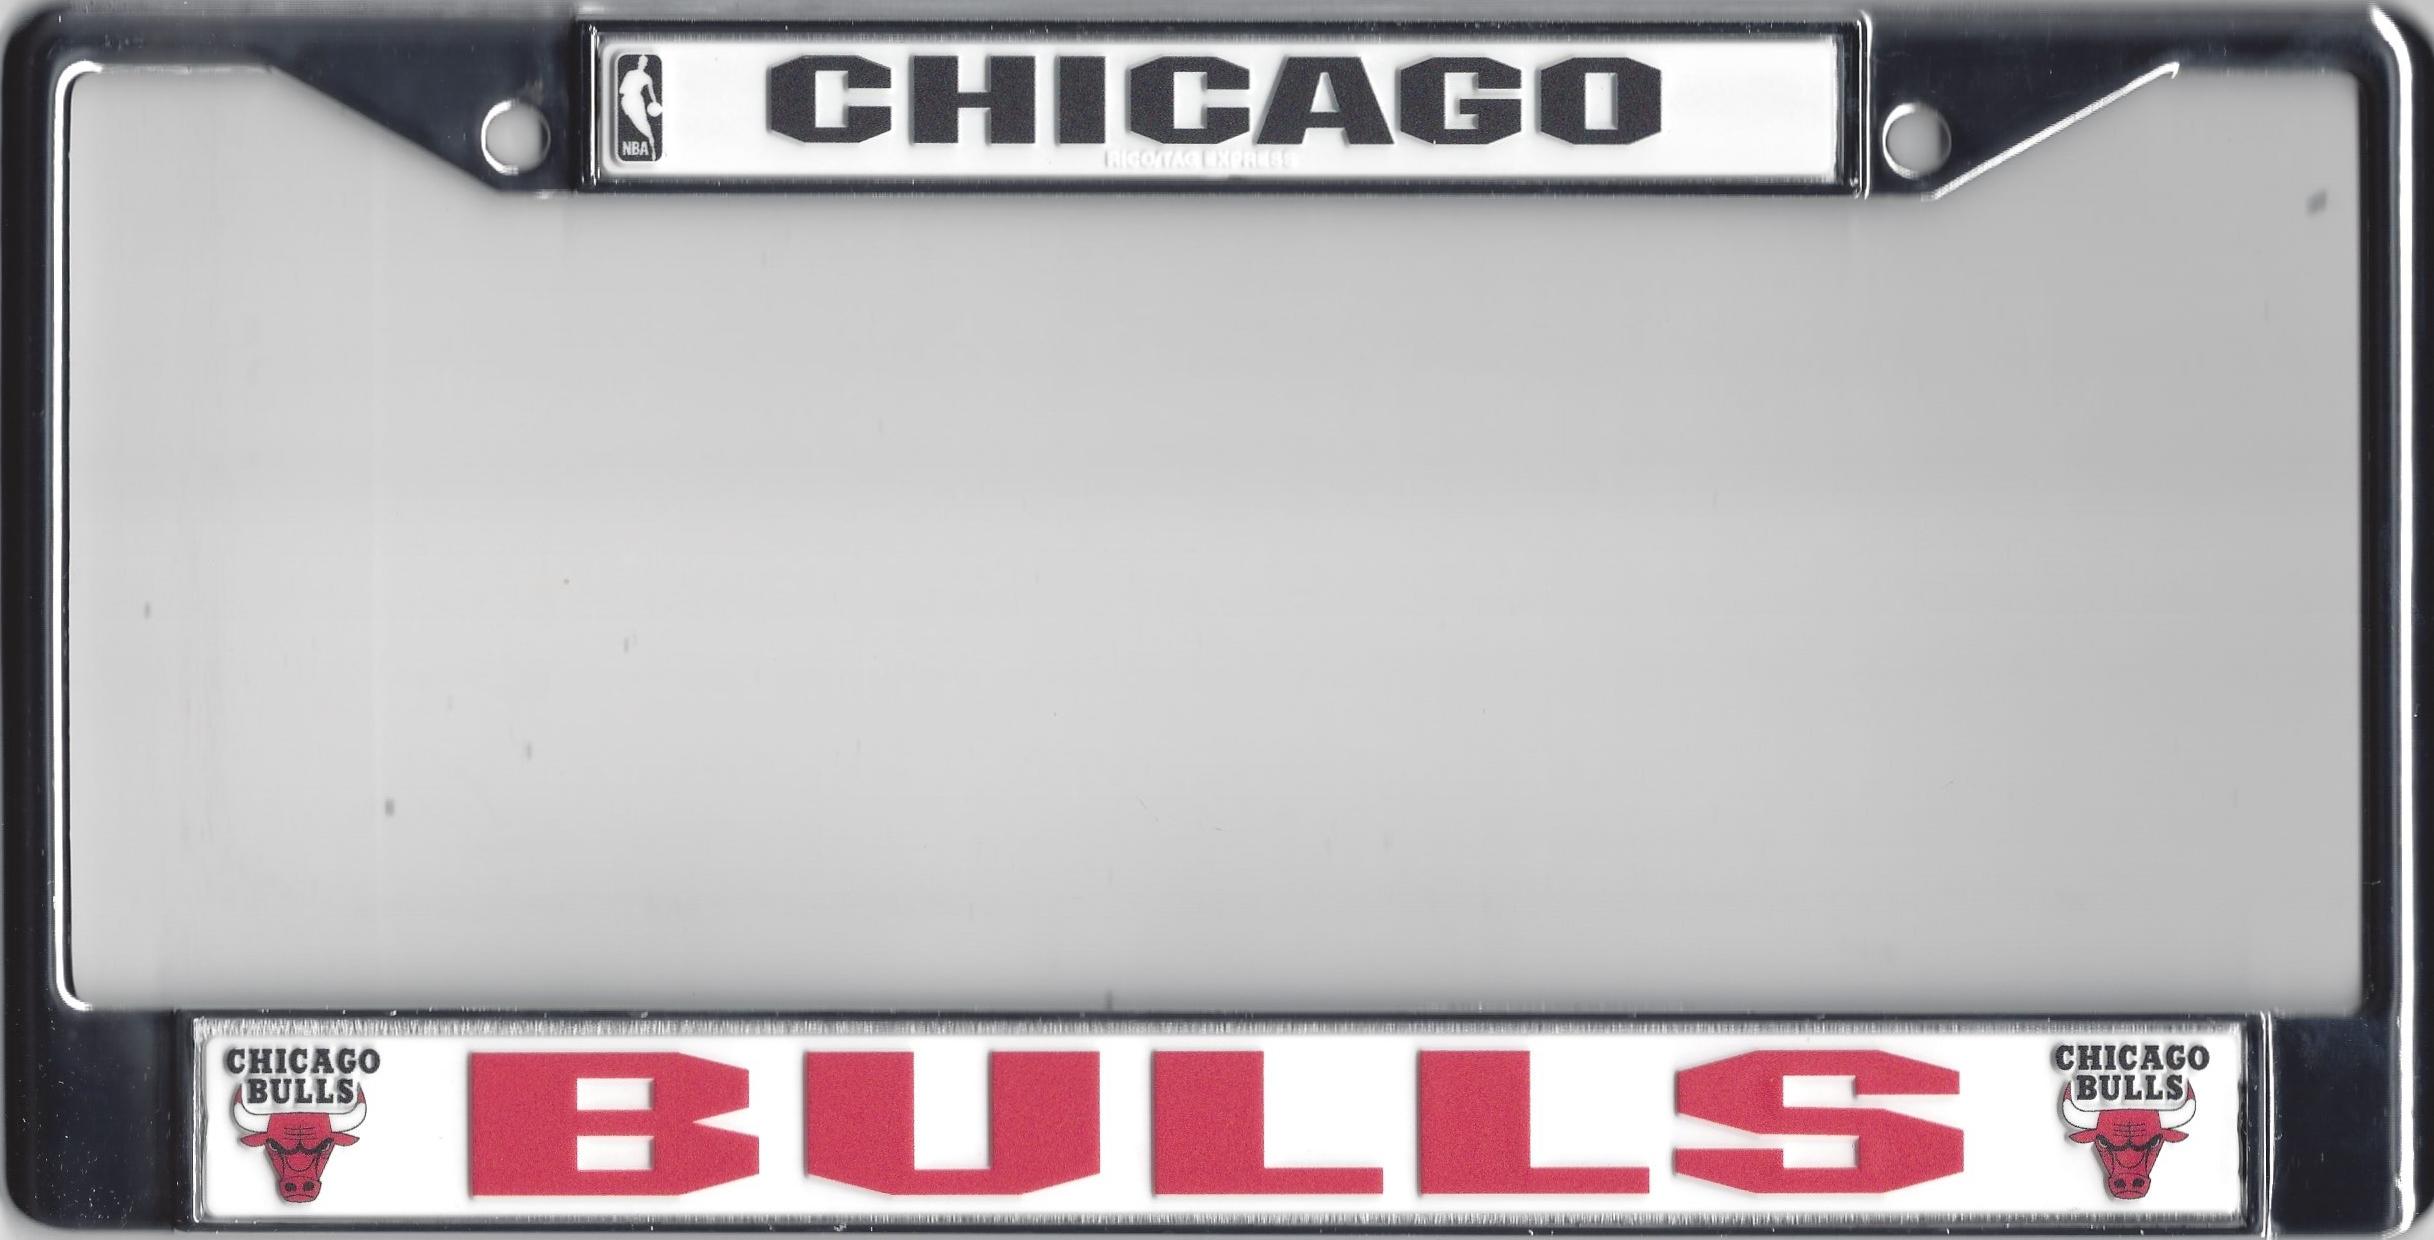 Chicago Bulls Chrome License Plate Frame [FC72001] - $16.99